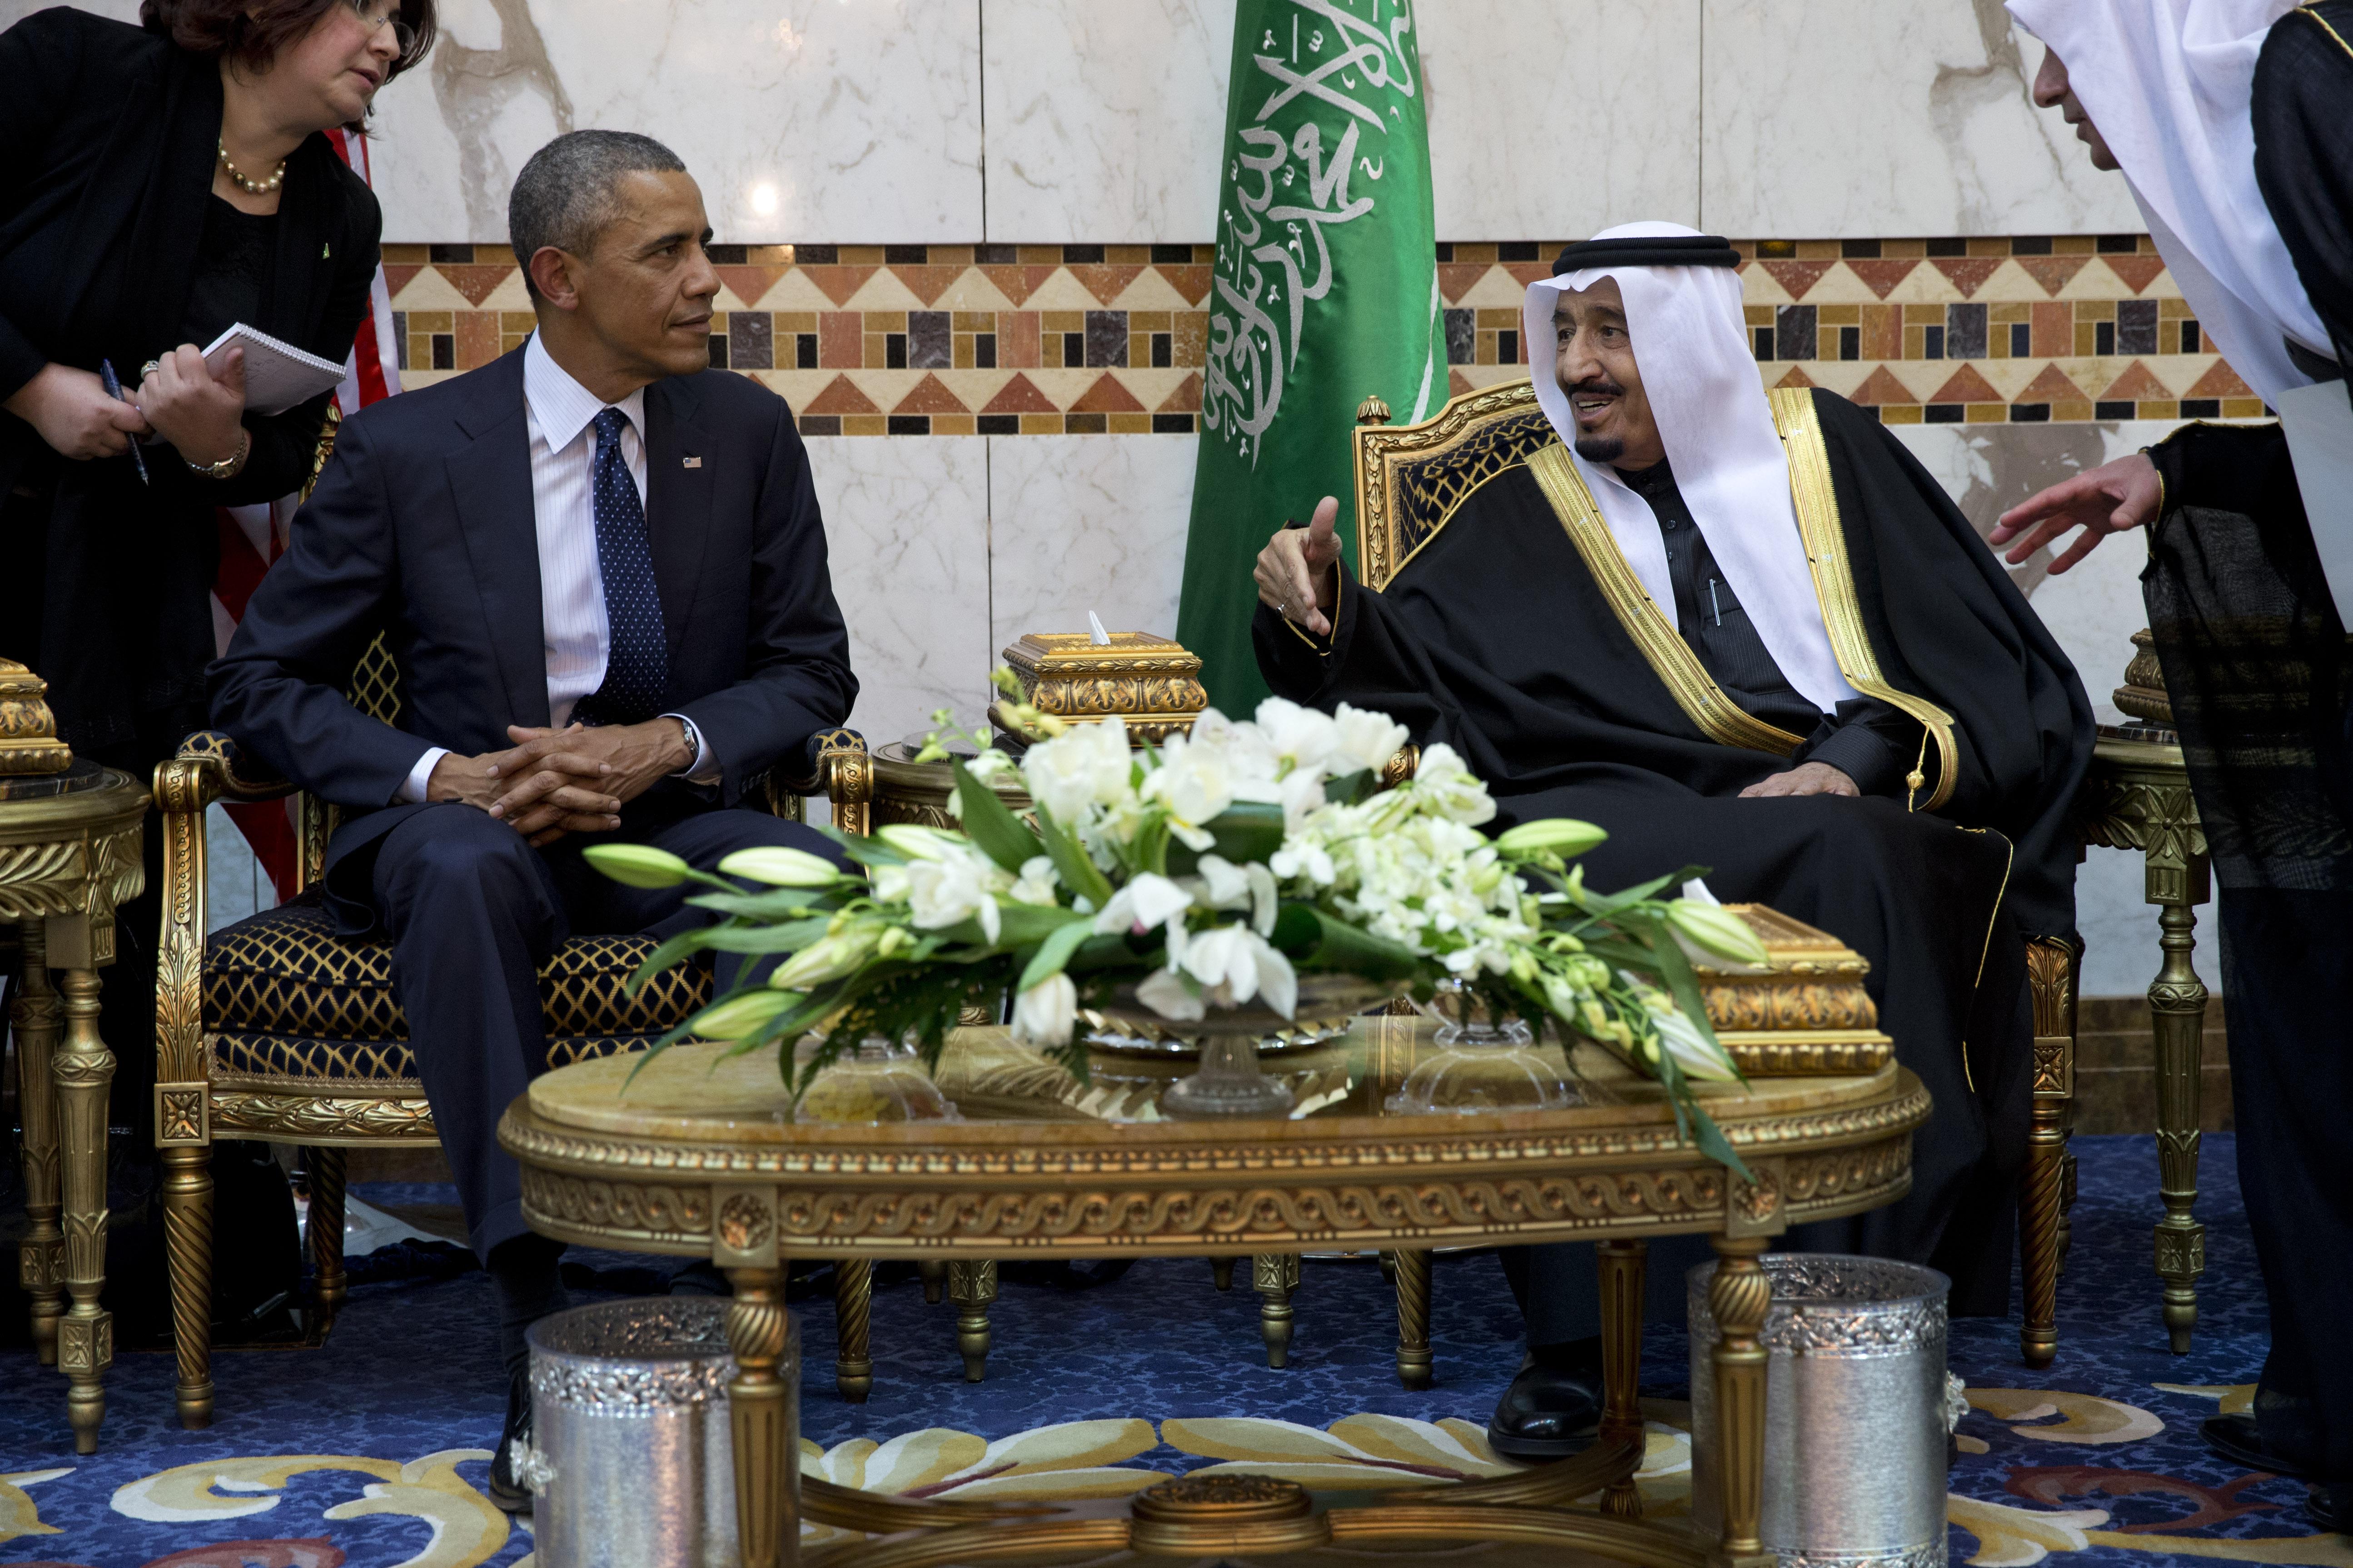 Obama Meets New Saudi King, Balancing Human Rights, U.S. Interests